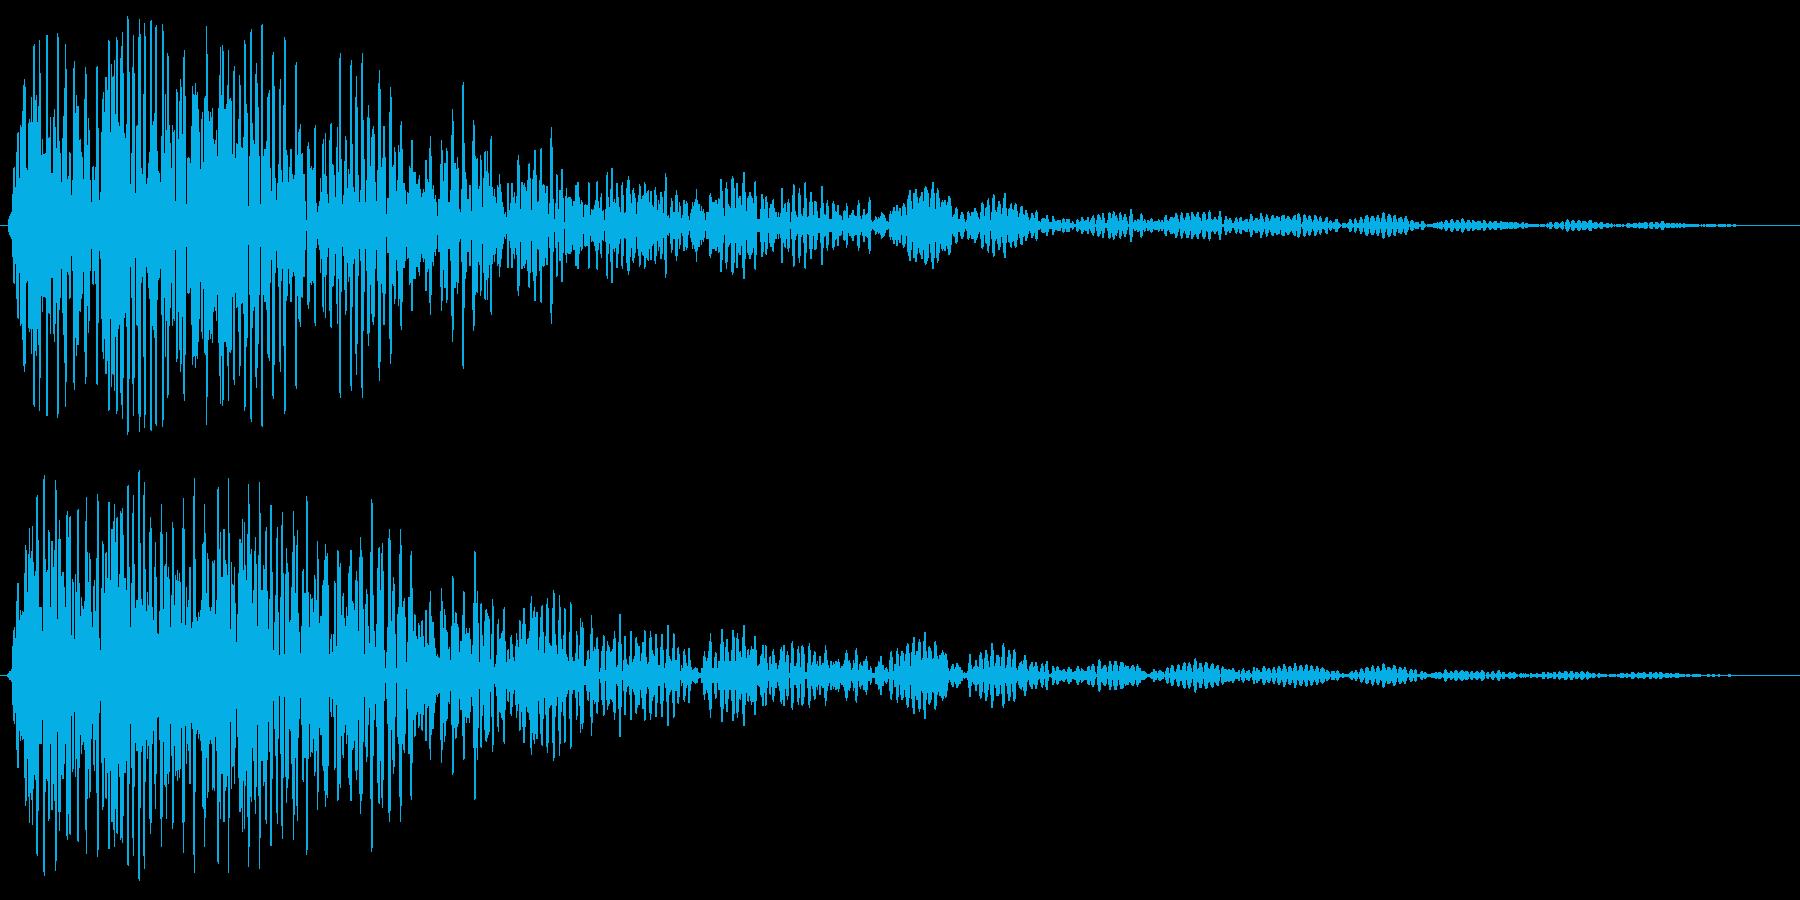 ドゥーンと響く爆発音の再生済みの波形